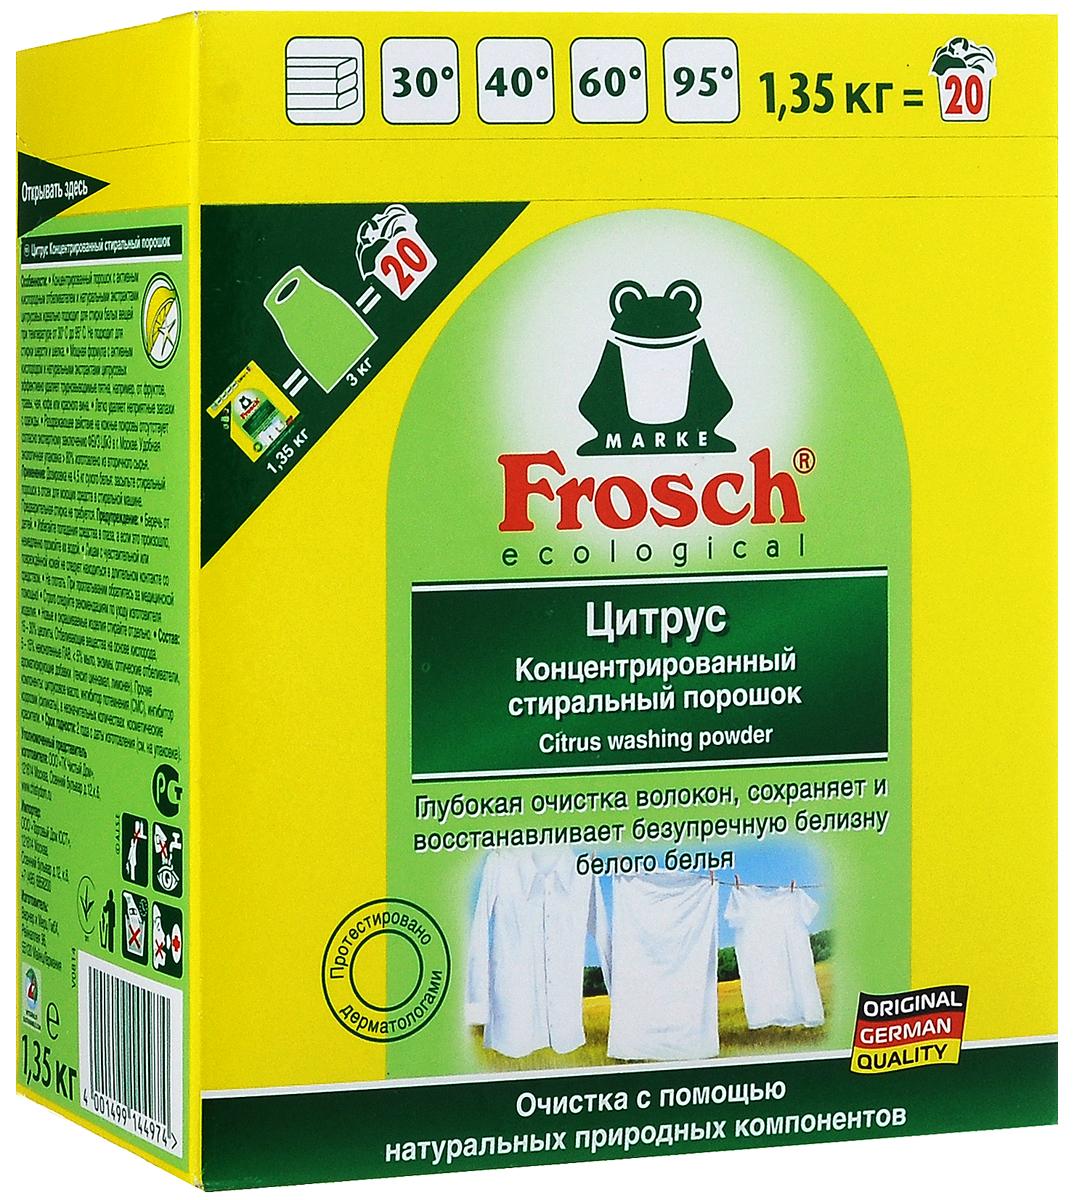 Стиральный порошок Frosch, с отбеливателем, концентрированный, 1,35 кг1404497Концентрированный стиральный порошок Frosch с активным кислородным отбеливателем и натуральными экстрактами цитрусовых предназначен для стирки и отбеливания белого белья в стиральных машинах любого типа при температуре от 30°C до 95°С. Мощная формула эффективно удаляет трудновыводимые пятна, например, от фруктов, травы, чая, кофе или красного вина. Порошок одновременно эффективно выводит белковые пятна и пятна растительного происхождения, что является уникальным сочетанием. Порошок содержит пятновыводящую соль и не требует применения дополнительных отбеливателей. Не требует замачивания. Экономичен в применении. Легко удаляет неприятные запахи с одежды. Не оказывает раздражающего действия на кожу. Товар сертифицирован.